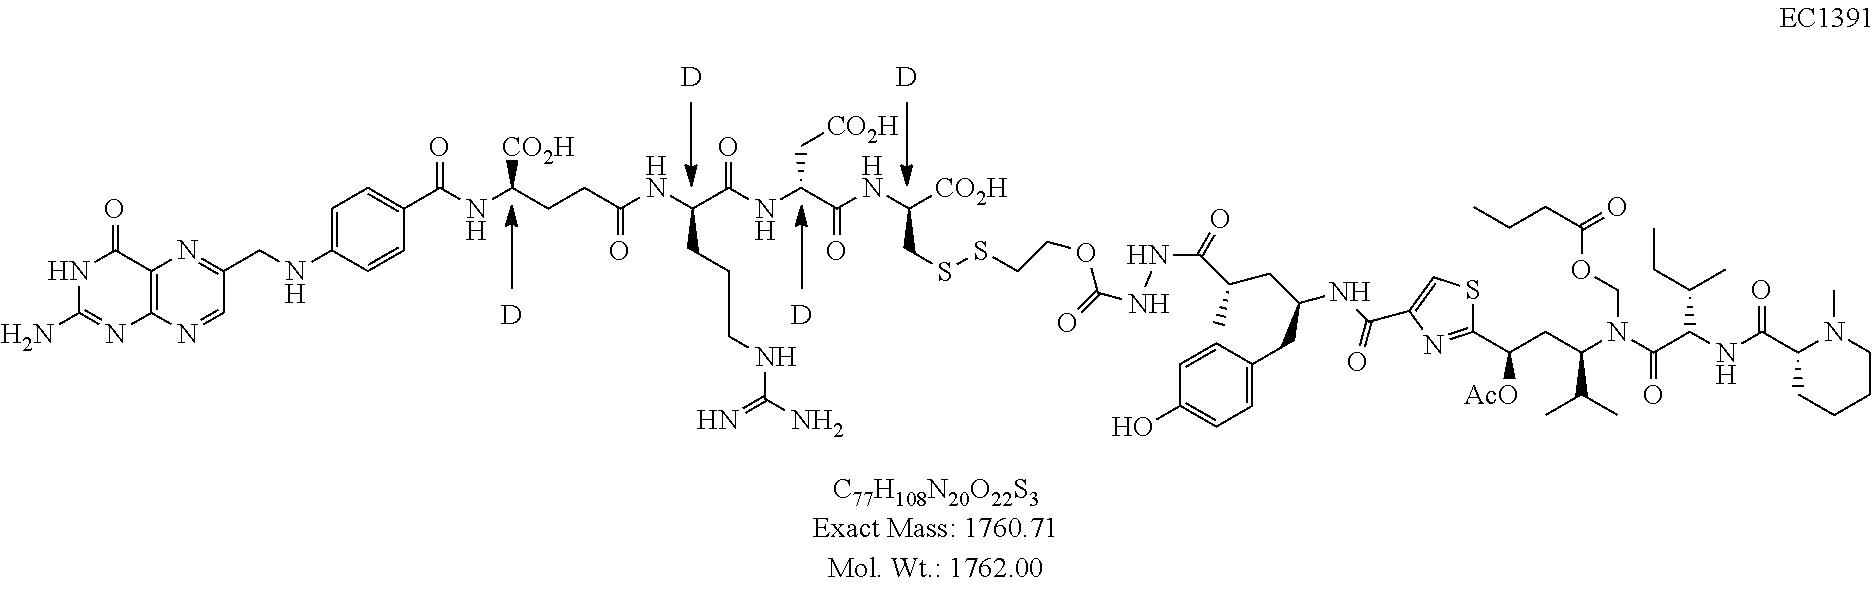 Figure US09662402-20170530-C00194